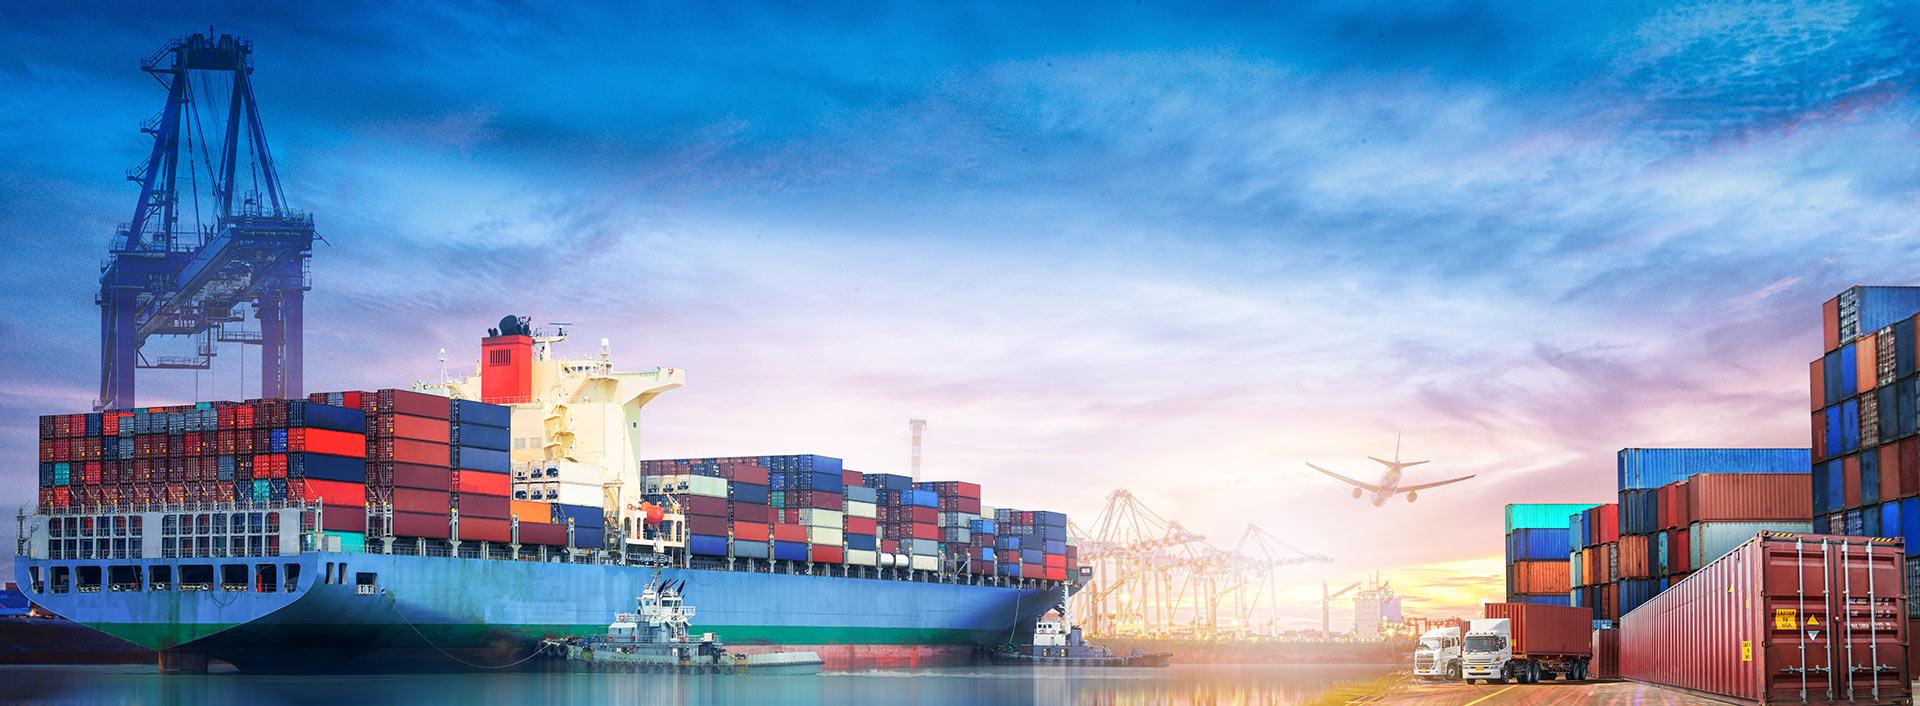 Barco de contenedores en el puerto